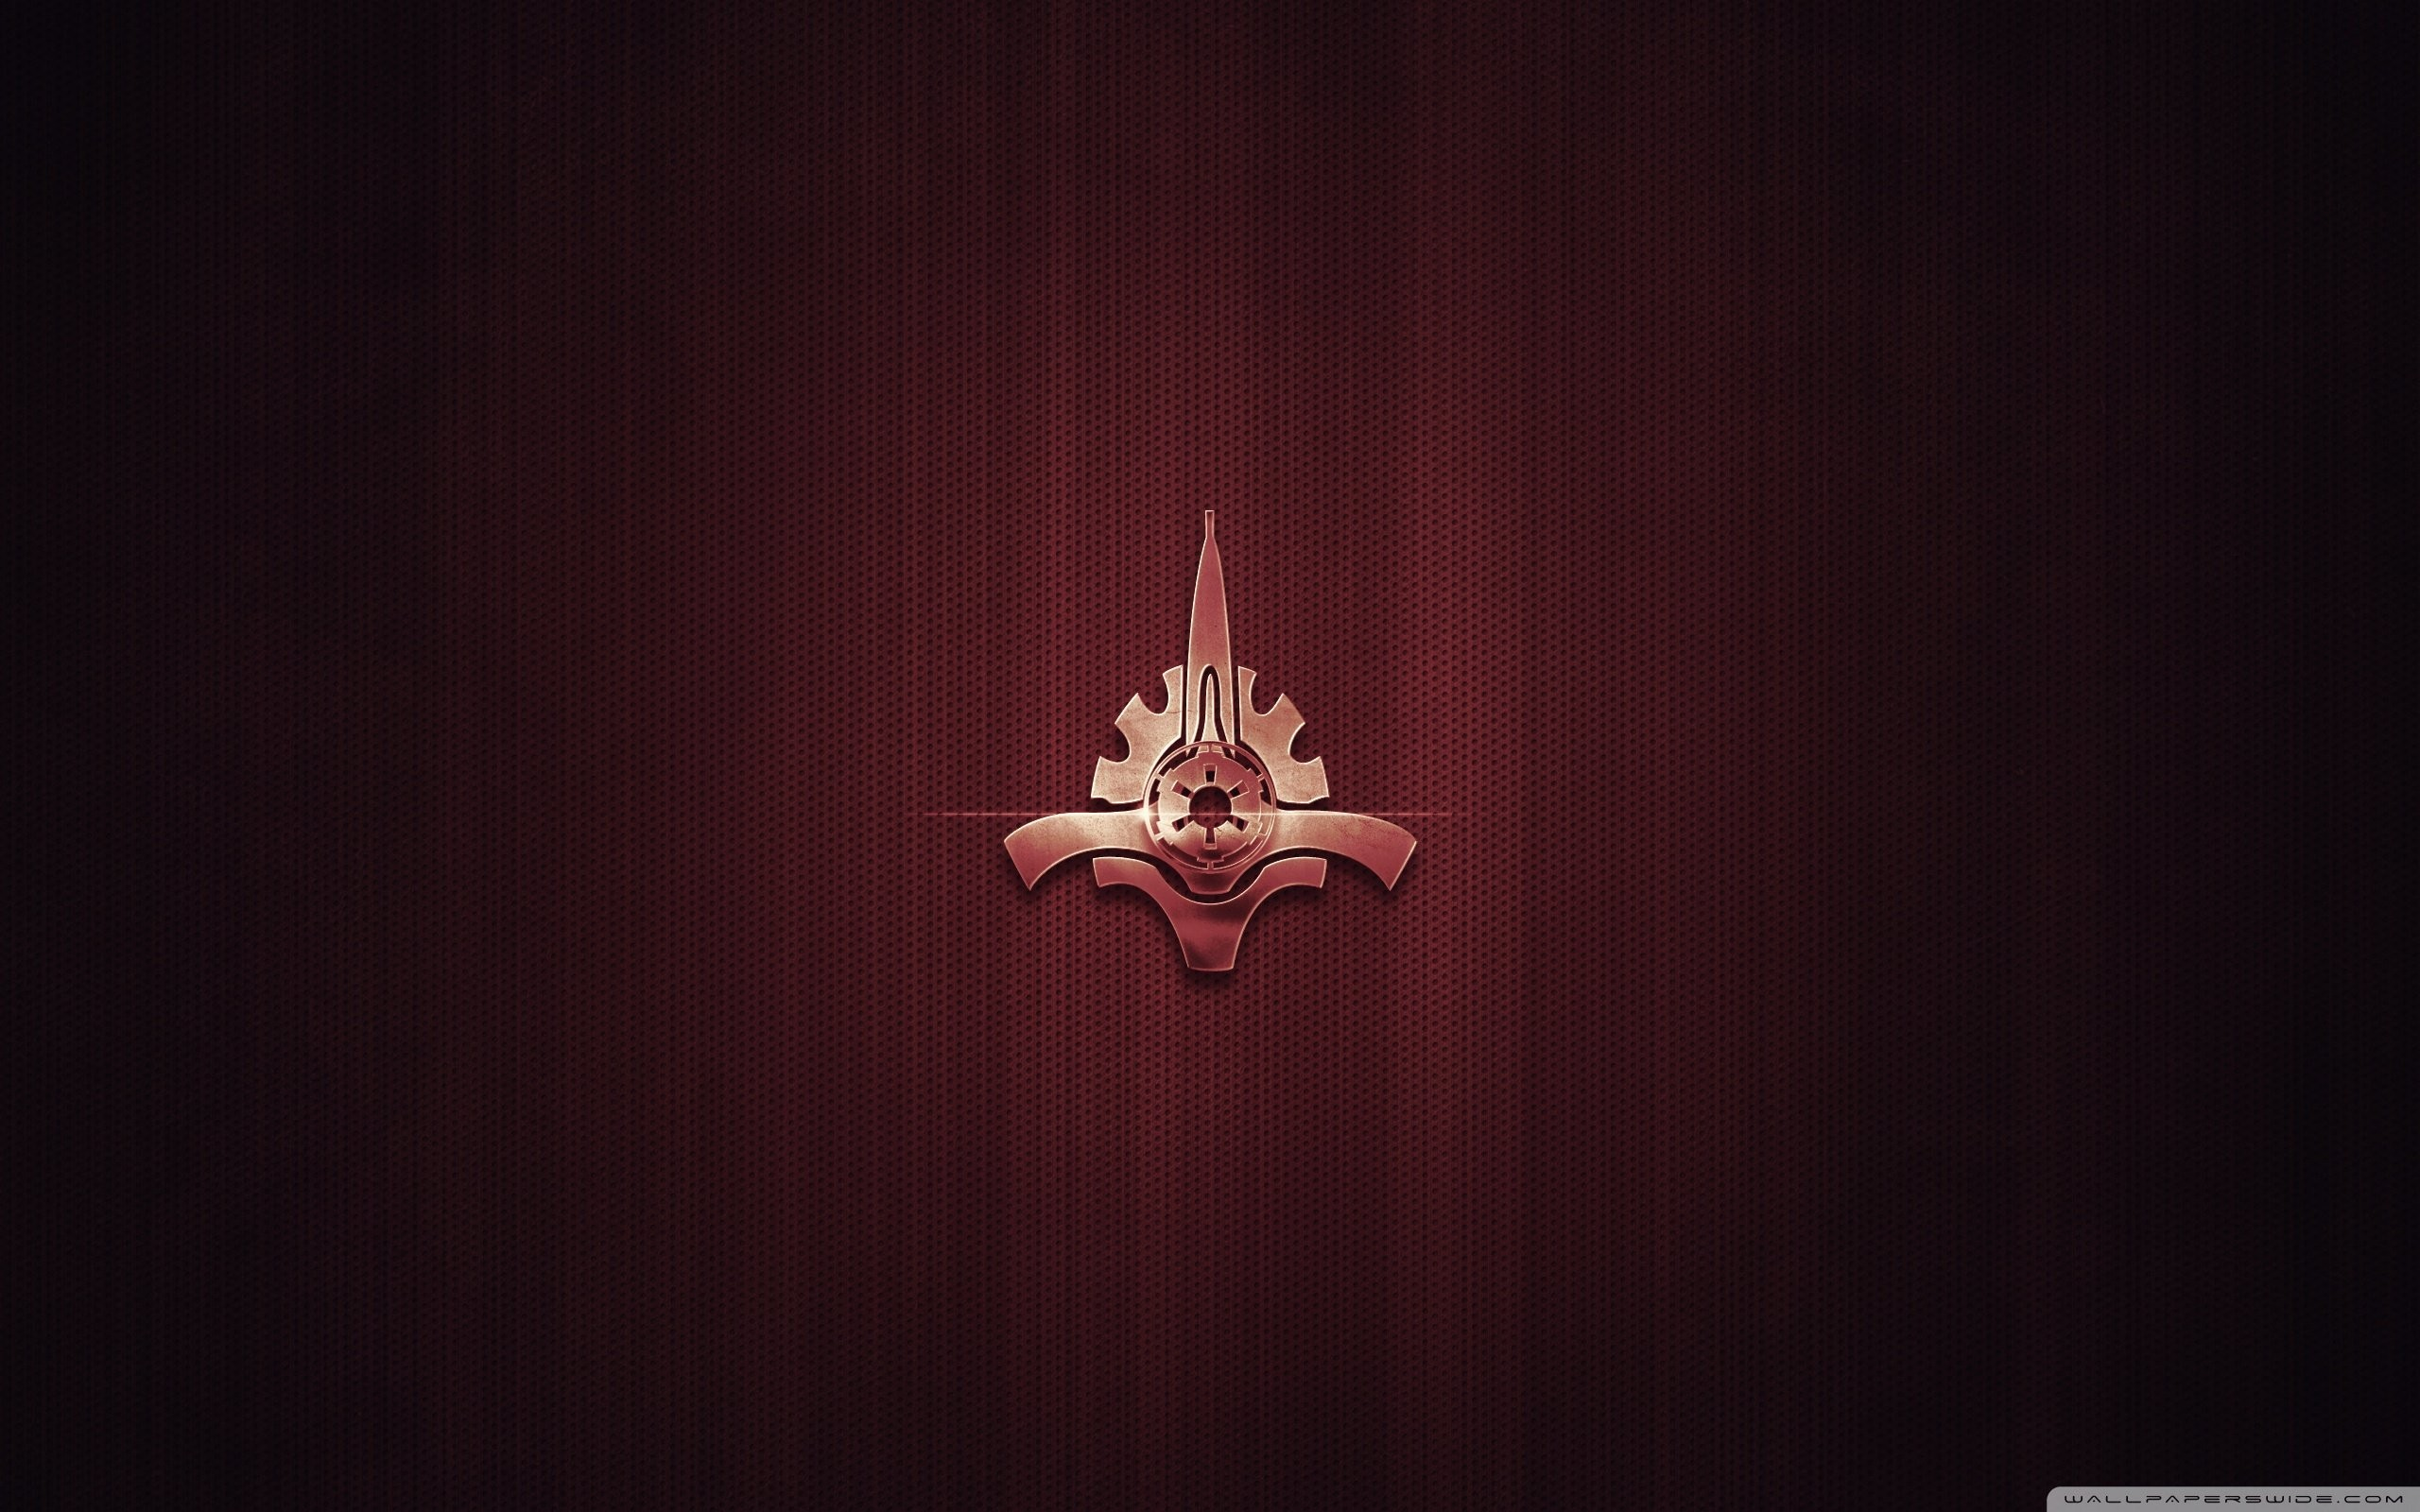 Star wars symbol-wallpaper-wallpaper     238502 .